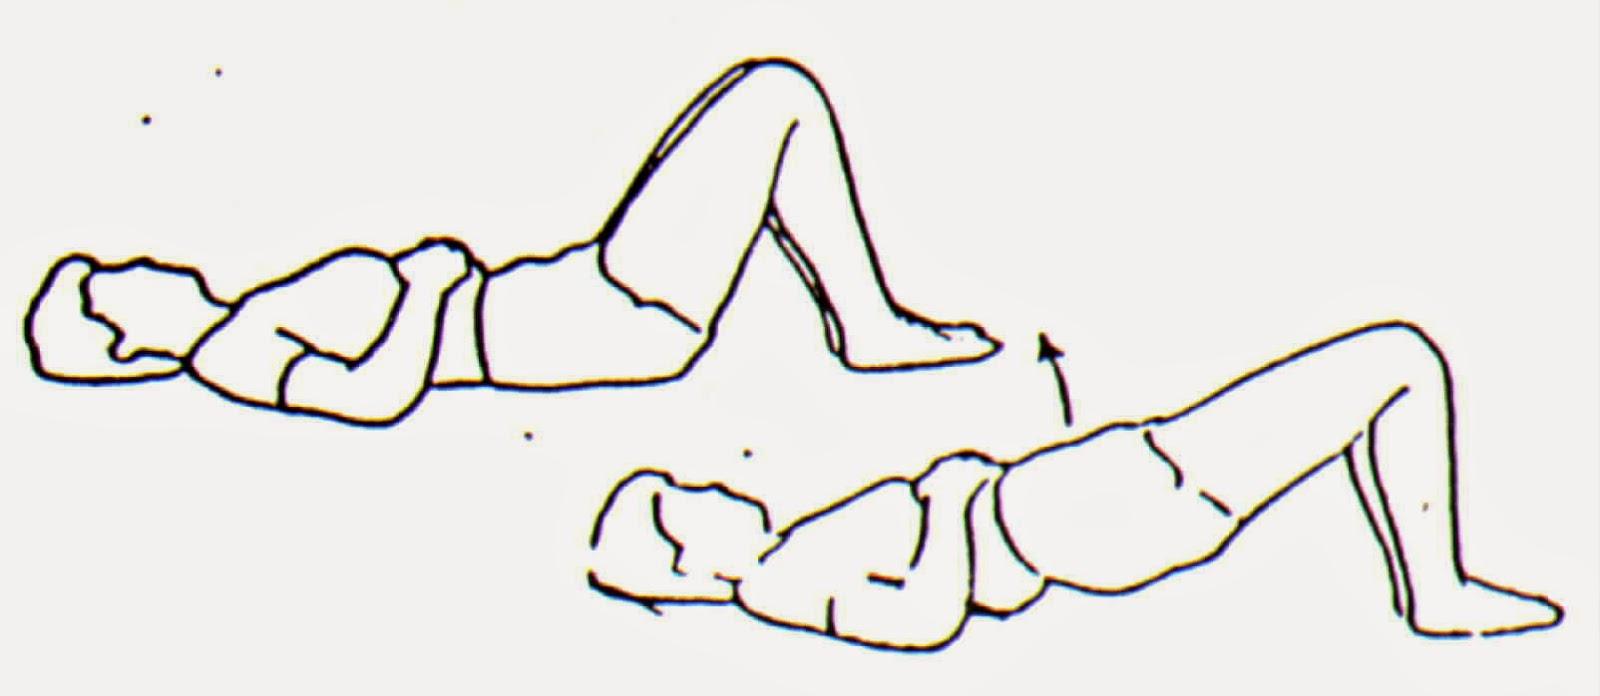 chair-leg-extension